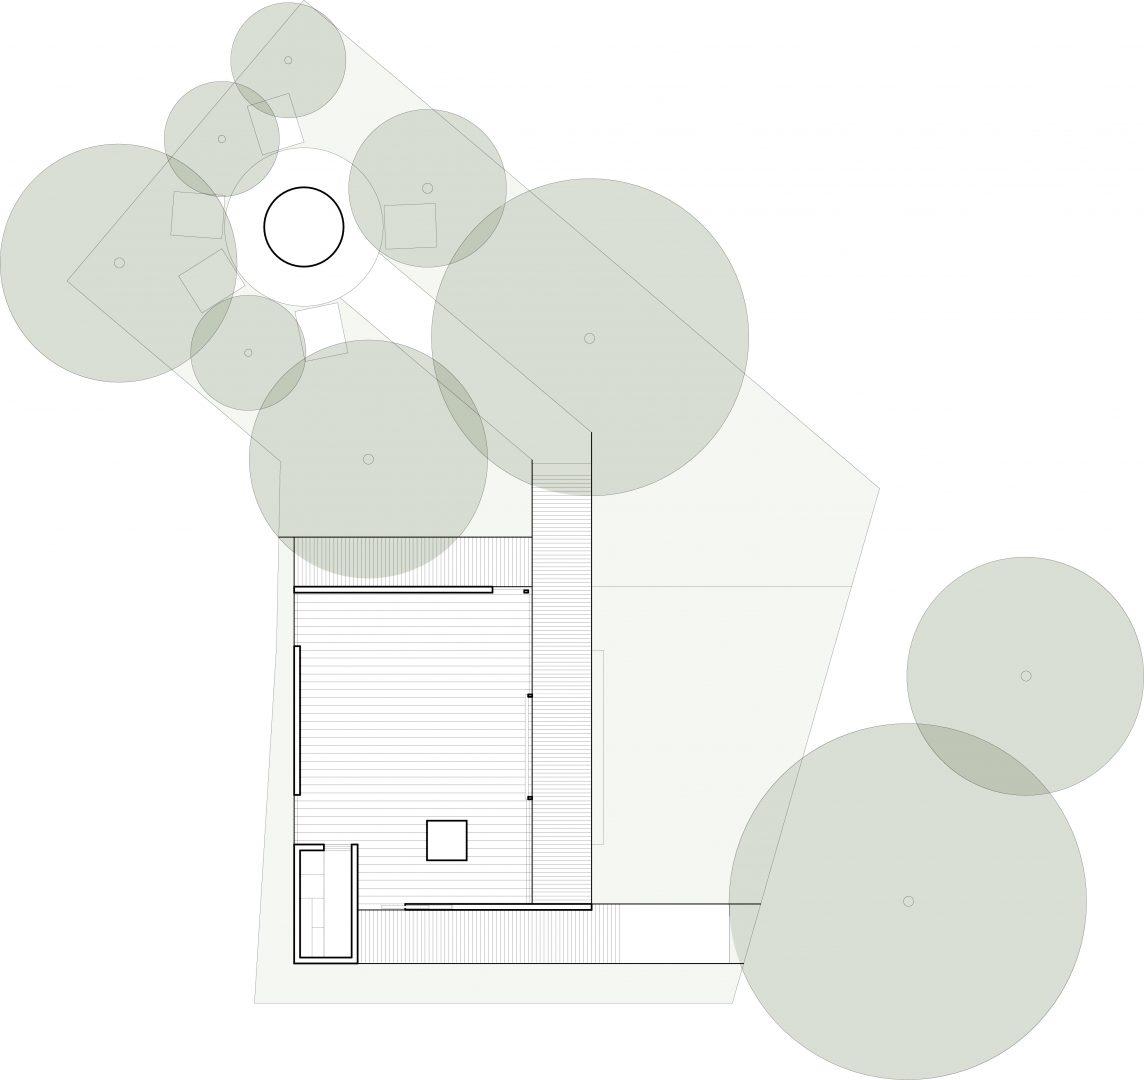 atelier-522-lindau-pavillon-grundriss